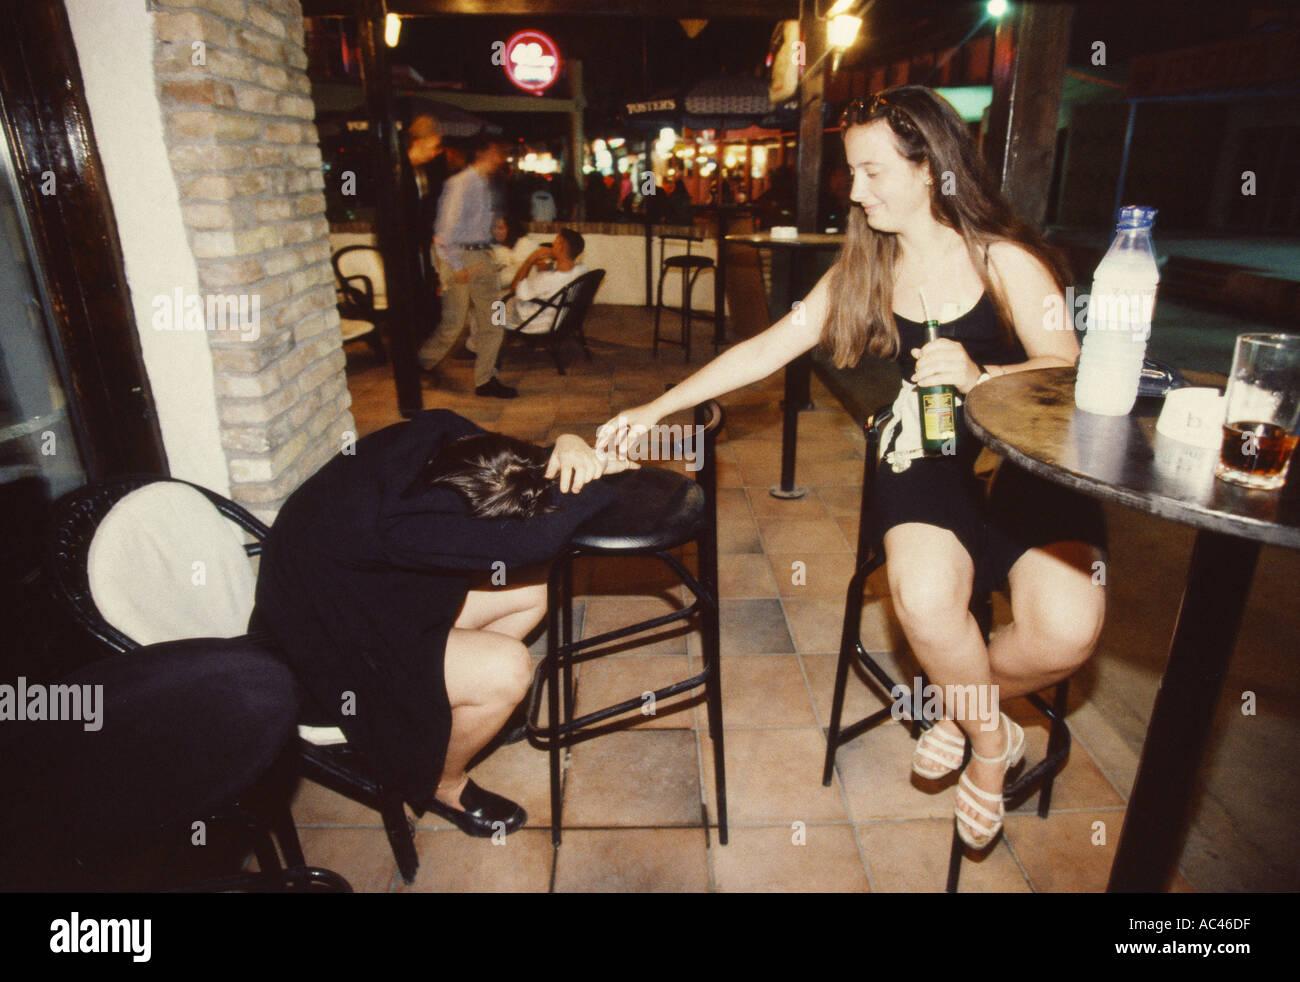 drunk girls CLUB 18 30 DRINKING BOOZING PARTYING DRUNK GIRLS